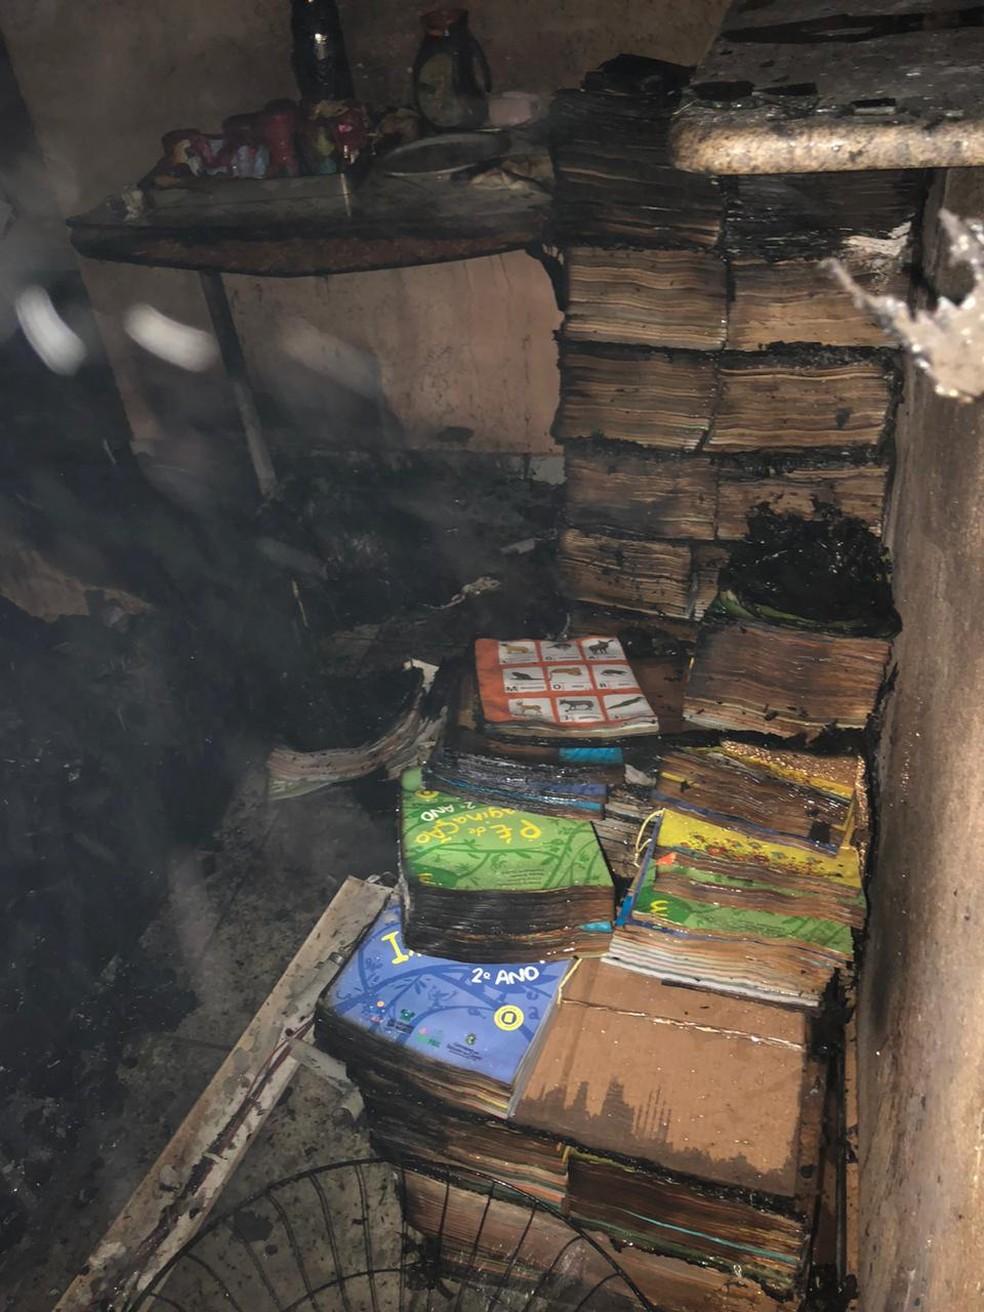 Livros foram atingidos pelo fogo durante incêndio em escola na região metropolitana de Natal — Foto: Cedida